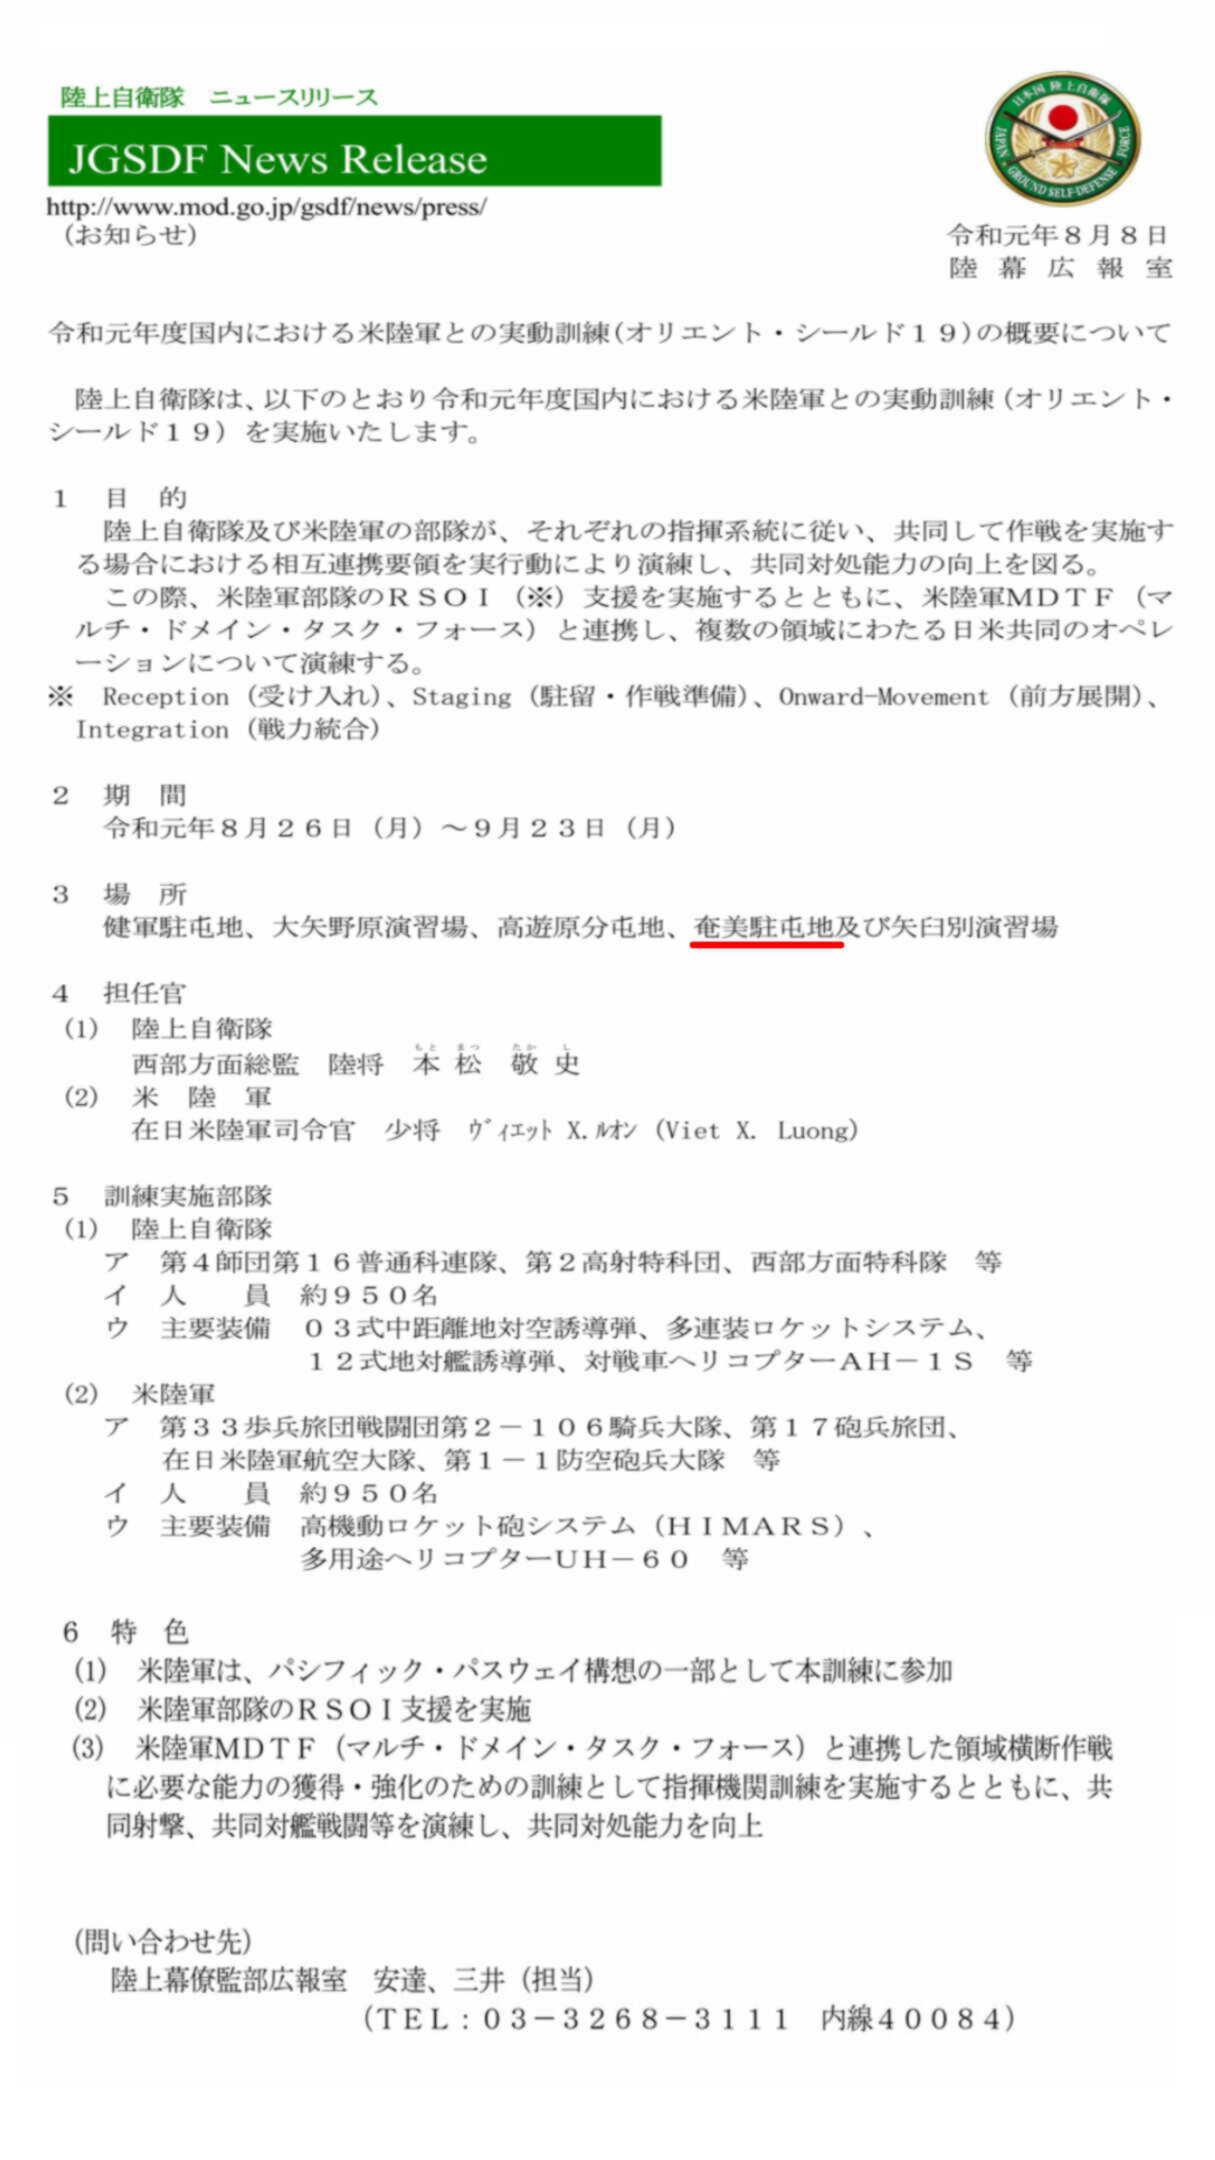 統幕プレスリリース「日米共同訓練」a